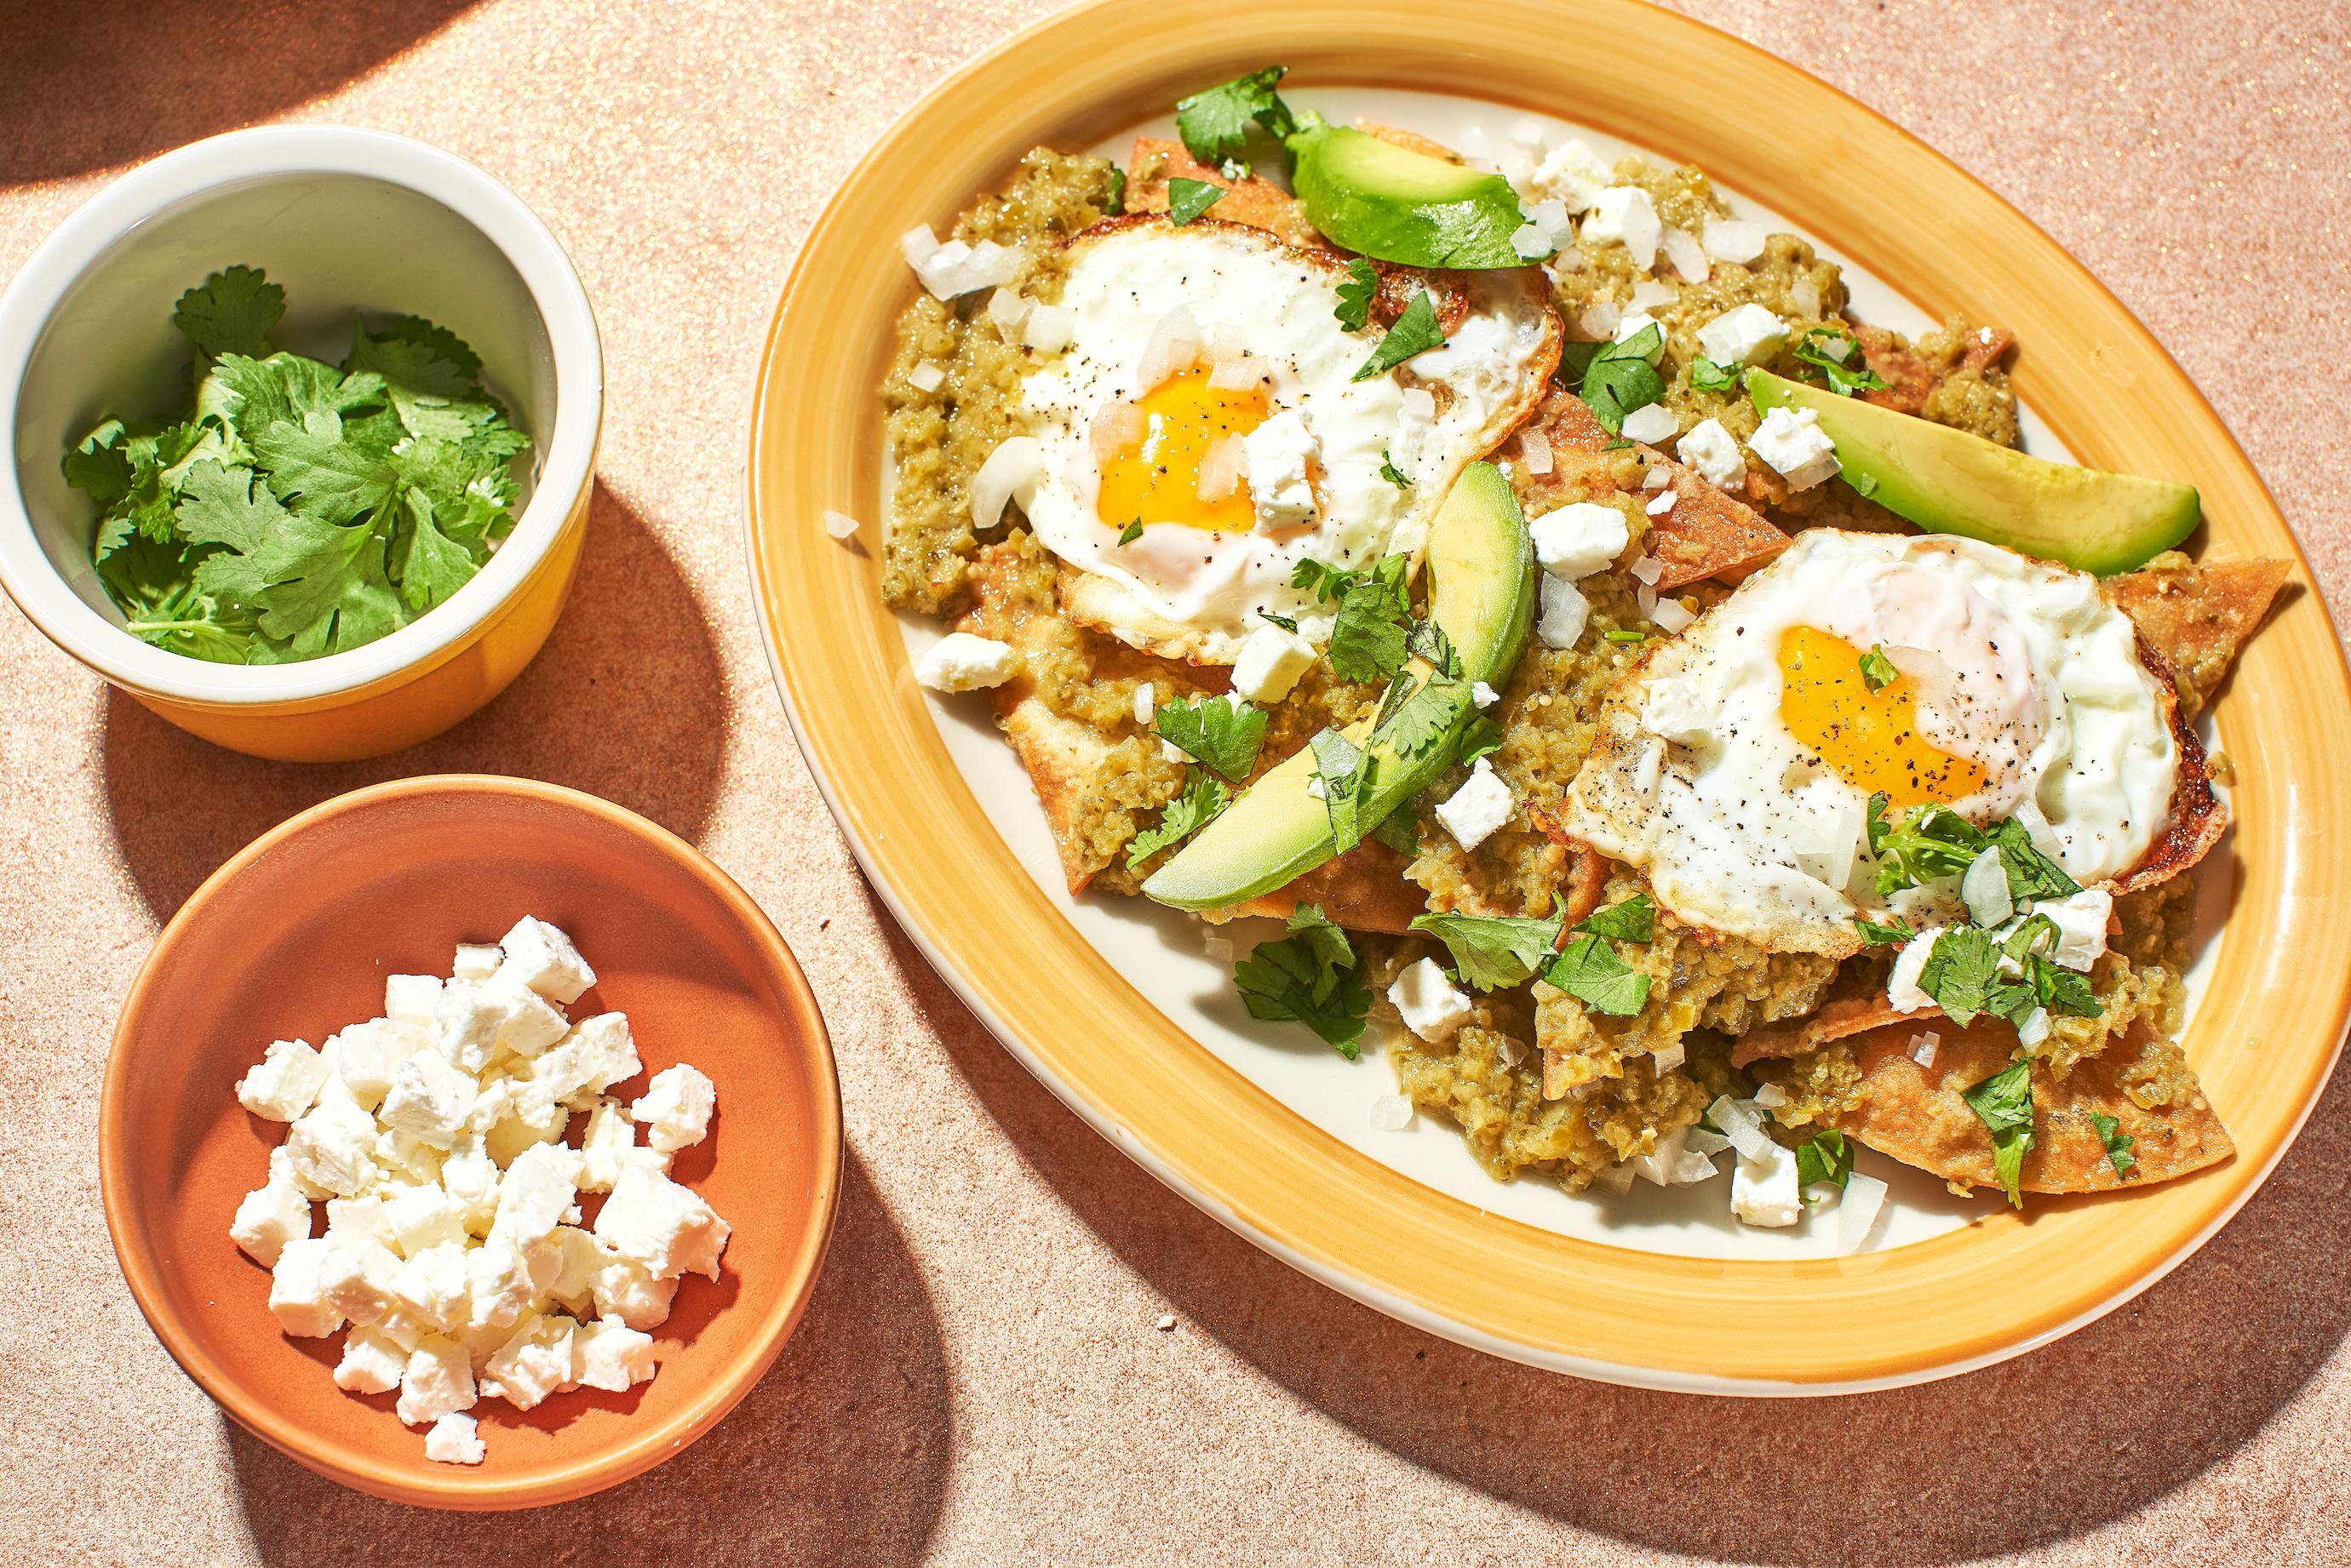 Le Chilaquiles con avocado: la perfetta colazione messicana